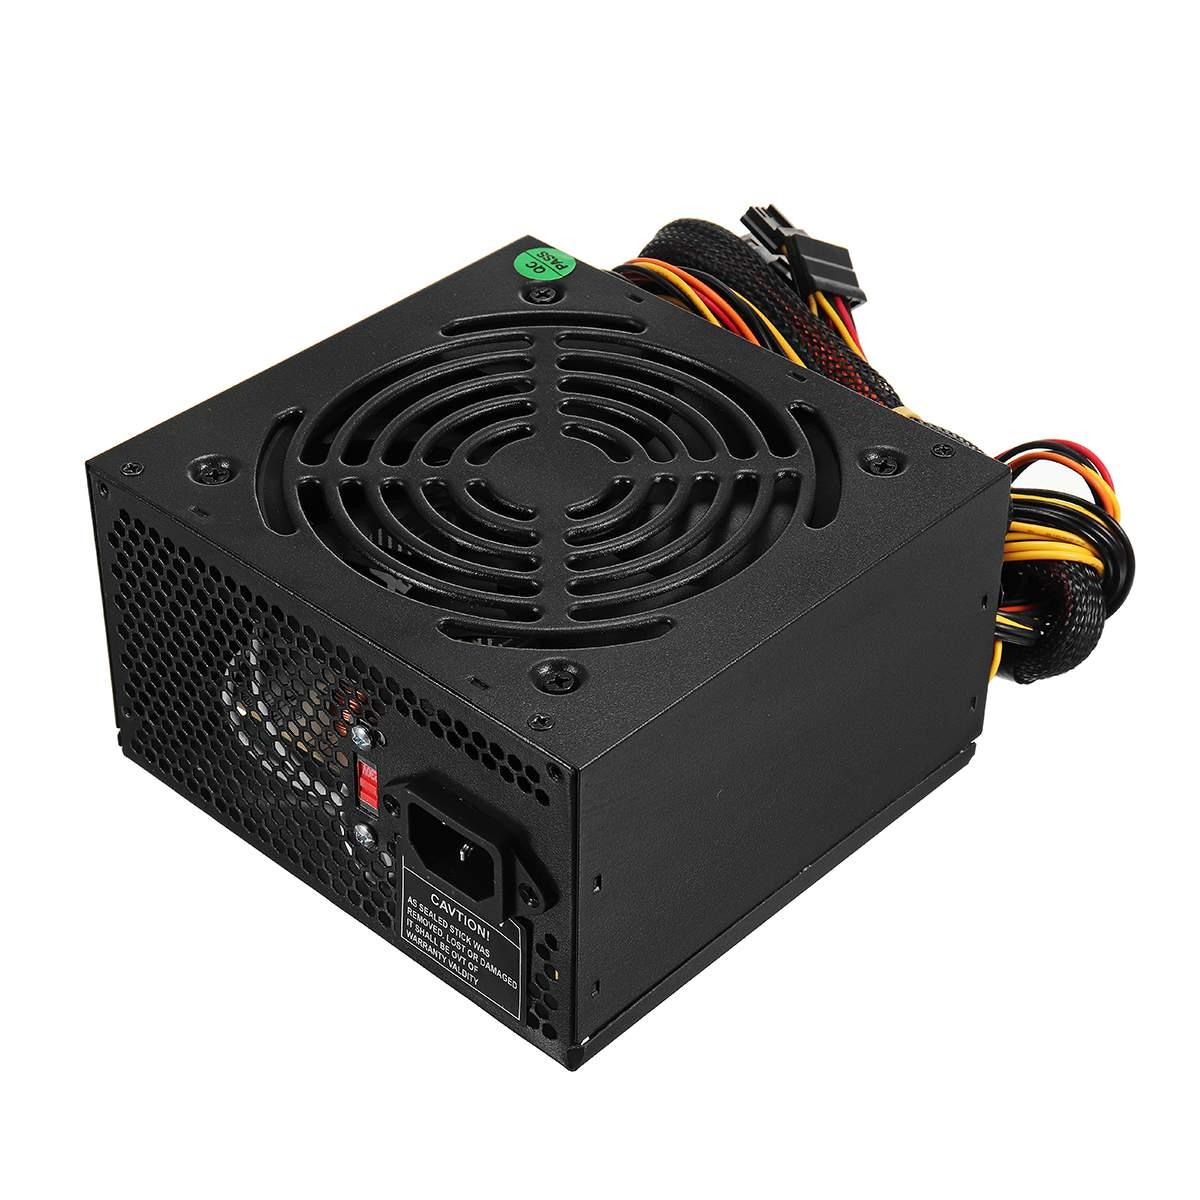 Max 1000 W alimentation PSU PFC ventilateur silencieux ATX 24pin 12 V PC ordinateur SATA Gaming PC alimentation pour Intel AMD ordinateur noir - 2